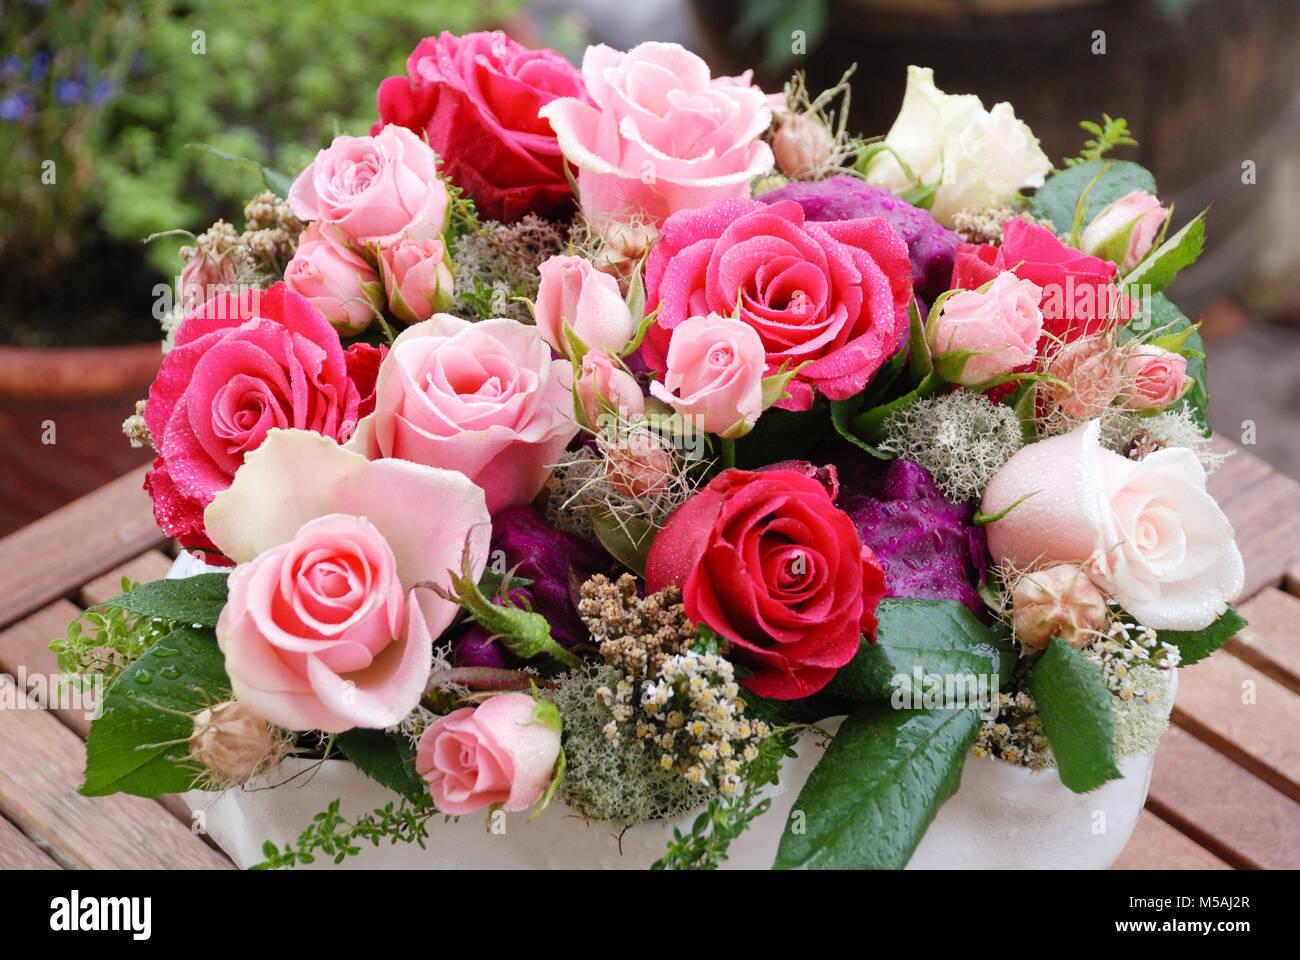 Bouquet De Luxe Fait De Rouge Blanc Rose Roses Dans Le Magasin De Fleurs Anniversaire Fete Des Meres Saint Valentin Journee De La Femme Mariage Concept Photo Stock Alamy